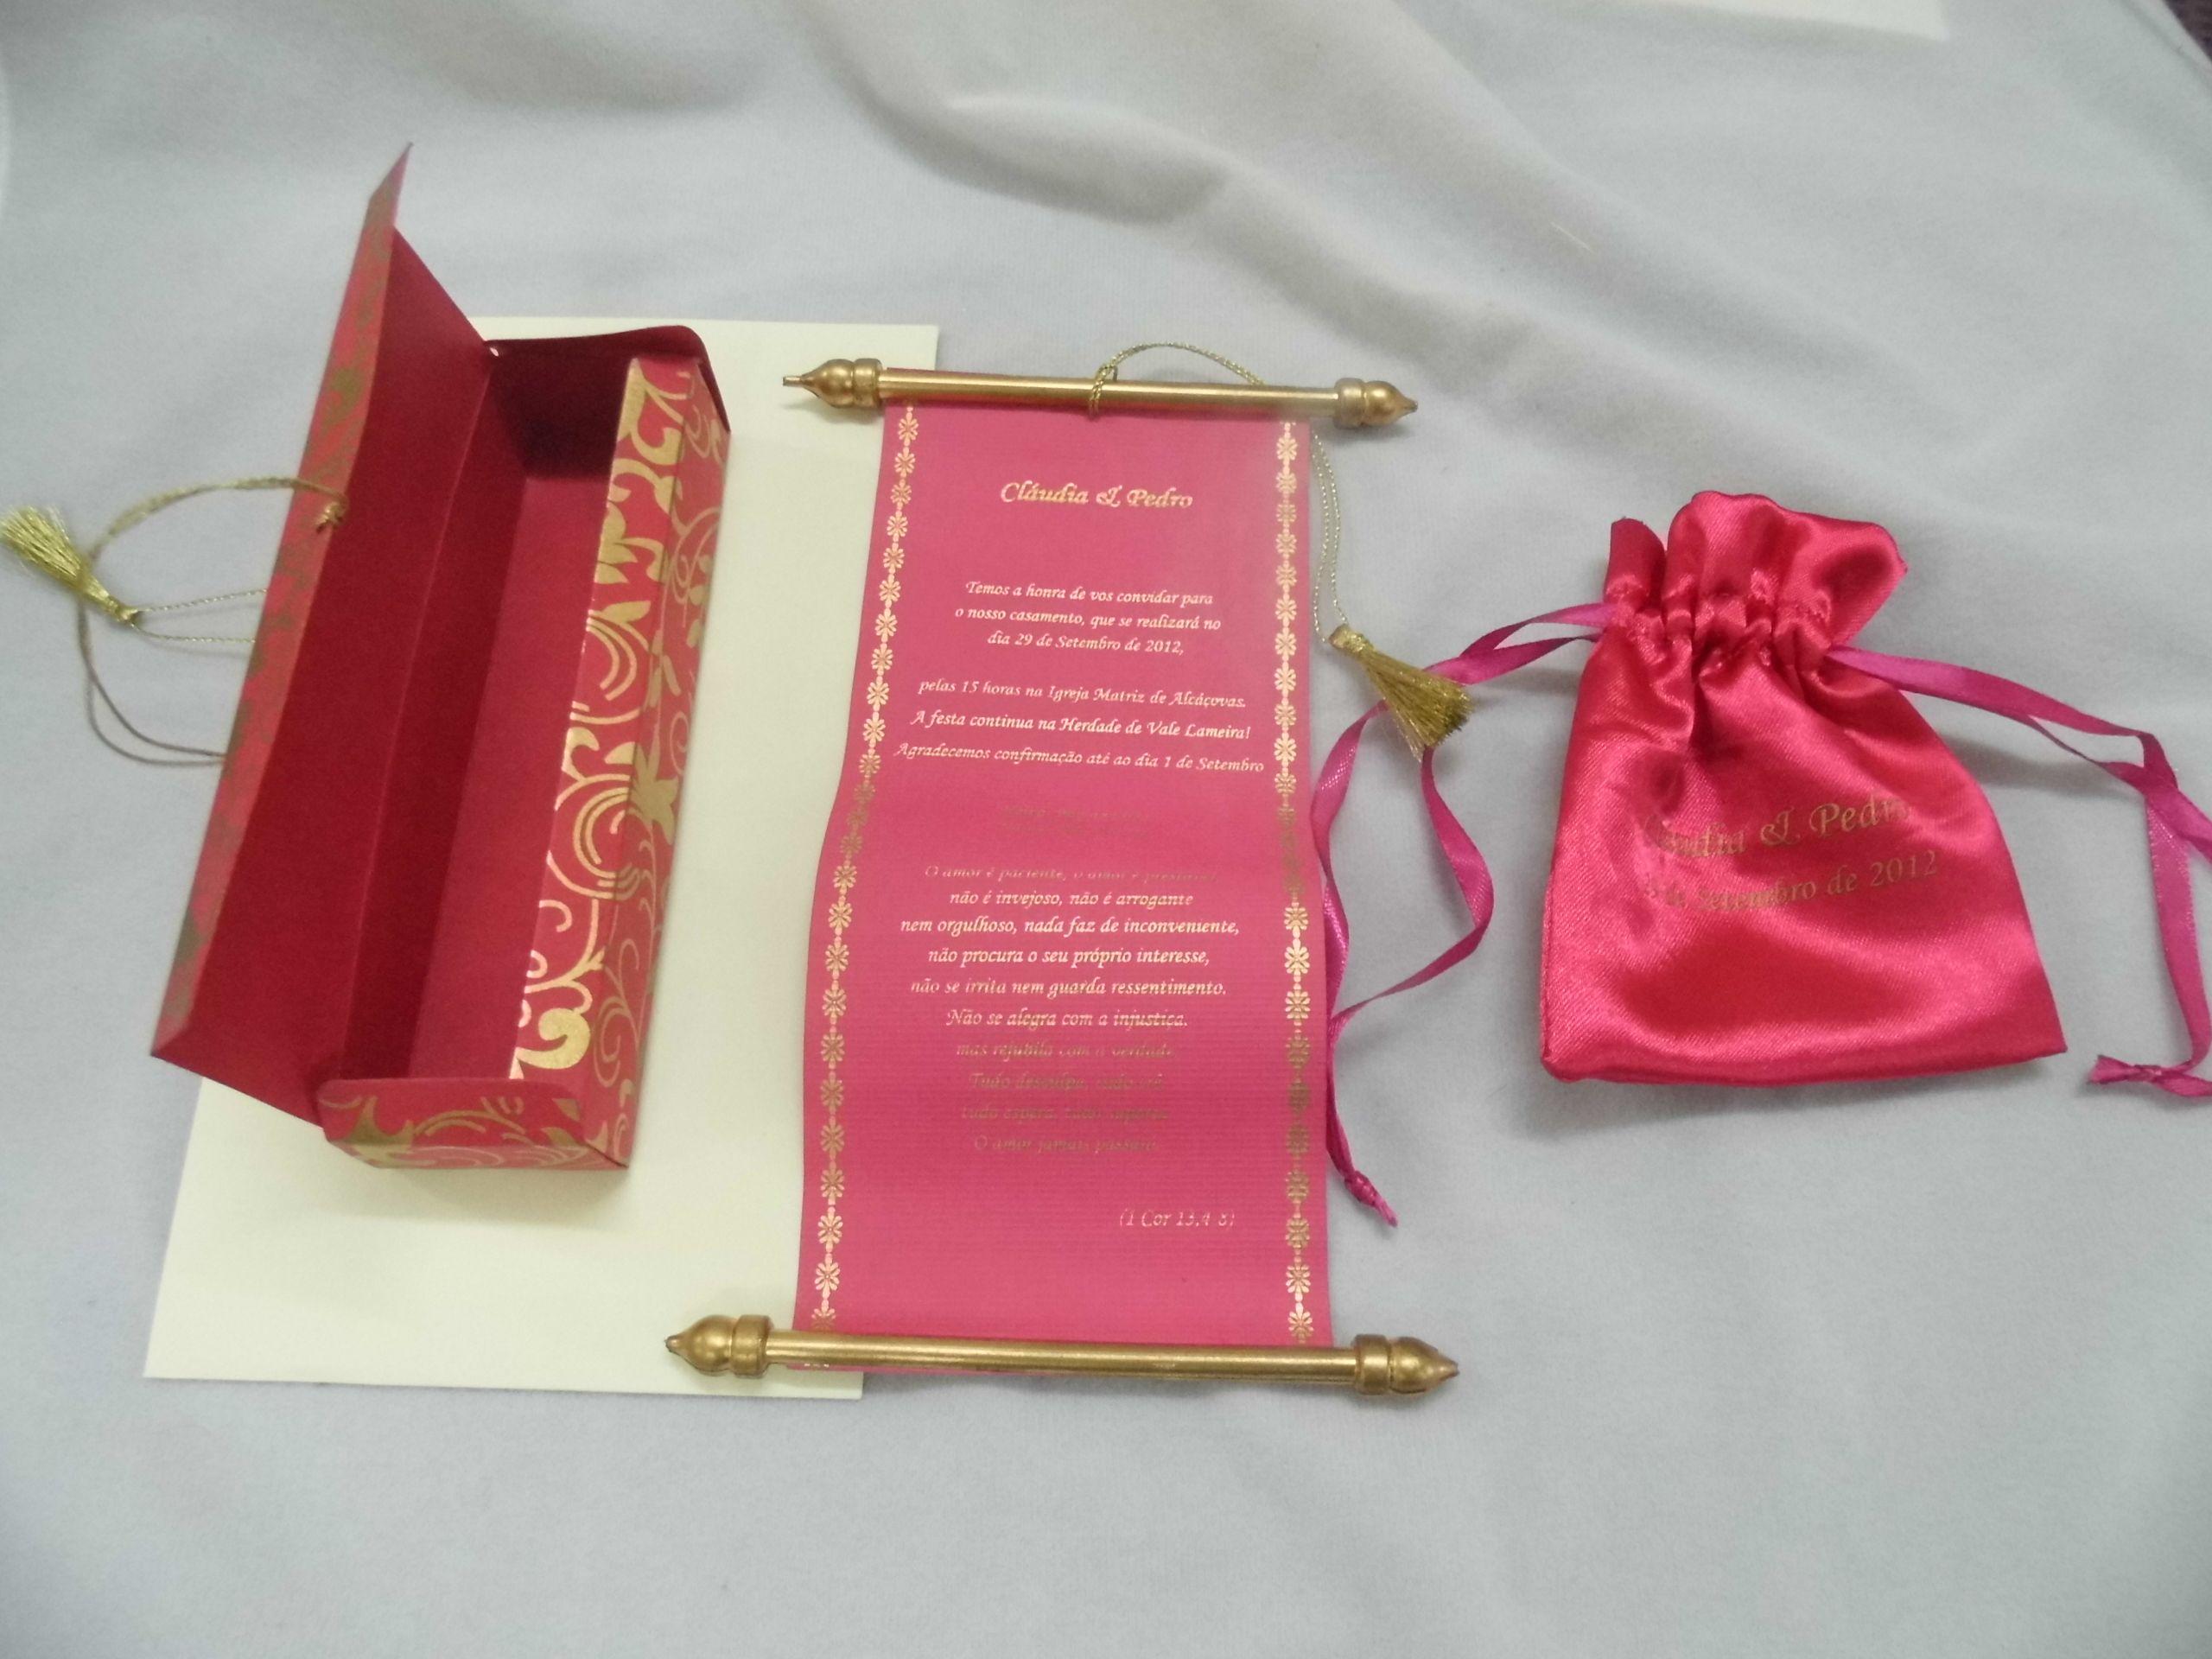 Fuchsia elegant scroll | E&J Wedding | Pinterest | Scroll wedding ...